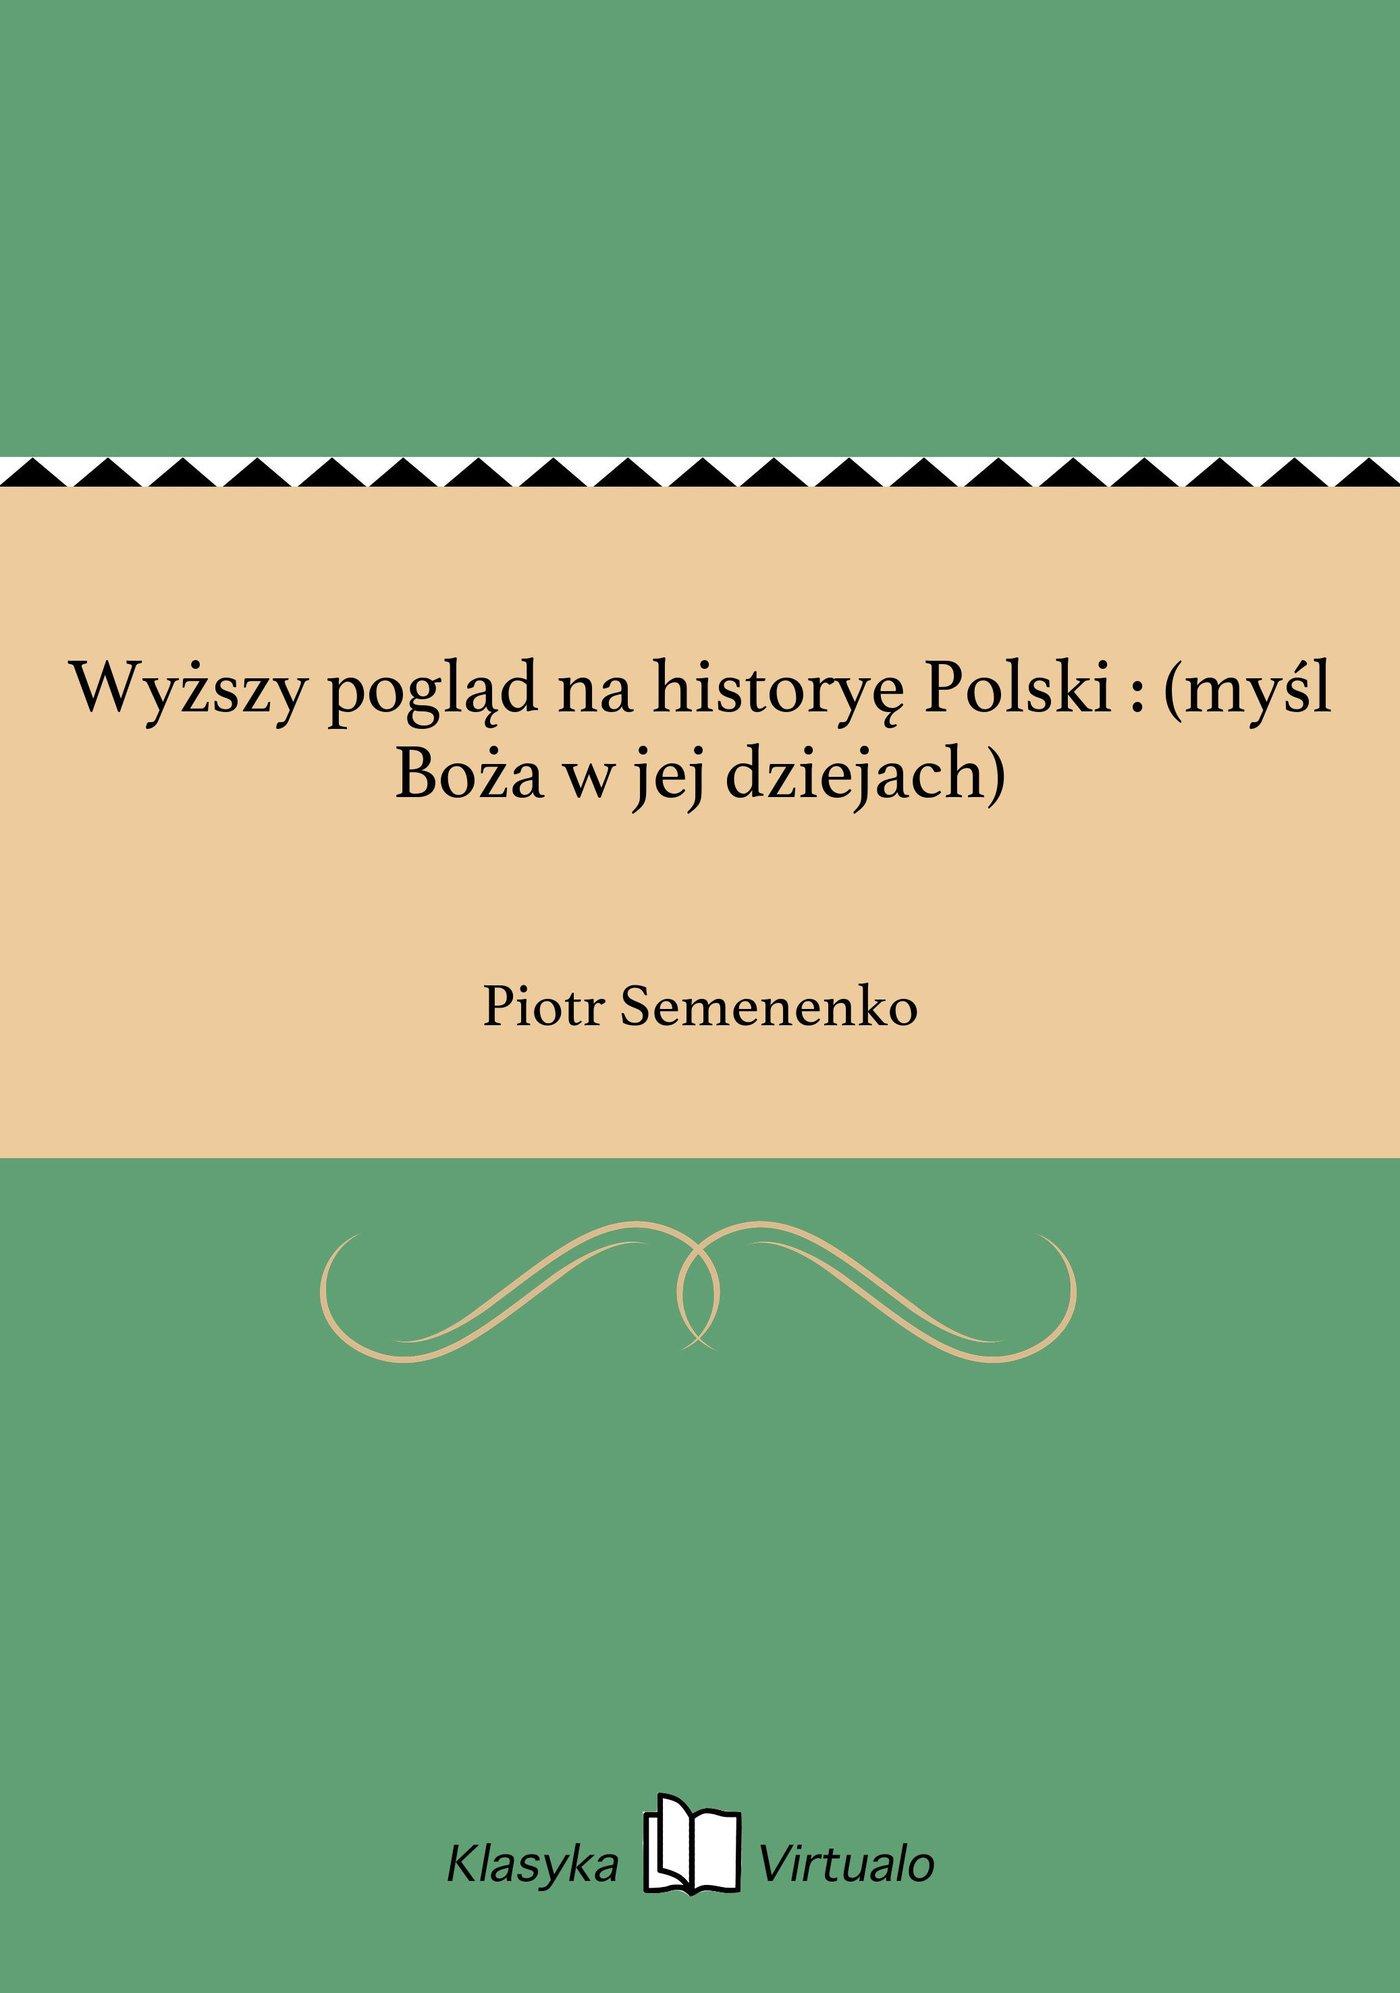 Wyższy pogląd na historyę Polski : (myśl Boża w jej dziejach) - Ebook (Książka EPUB) do pobrania w formacie EPUB